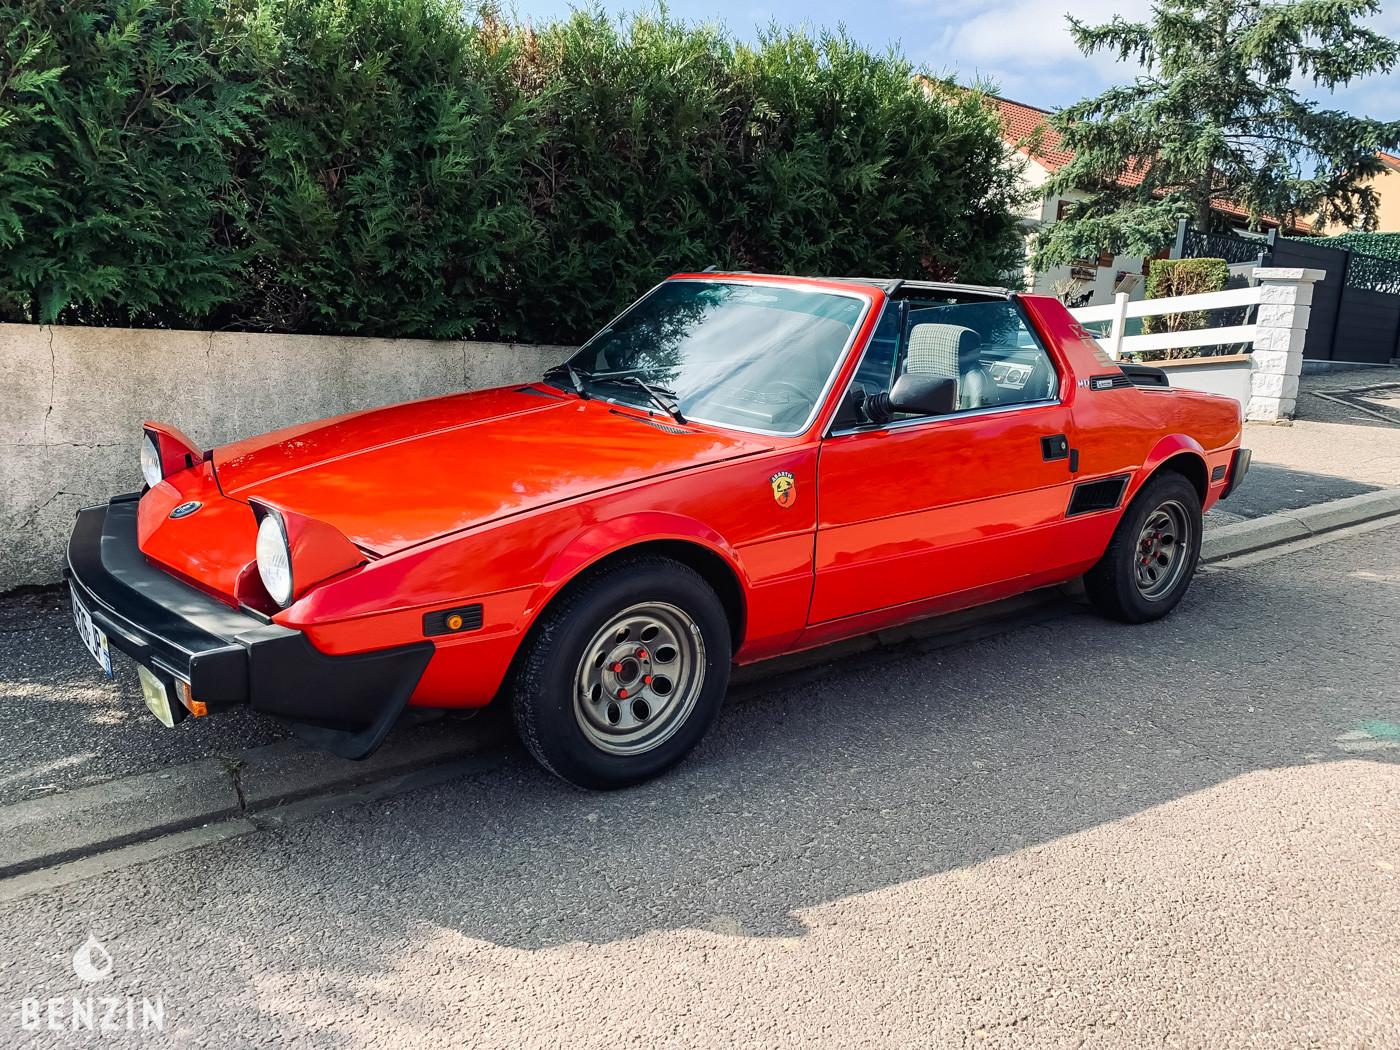 FIAT BERTONE X1/9 OCCASION A VENDRE FOR SALE ZU VERKAUFEN IN VENDITA EN VENTA - 1985